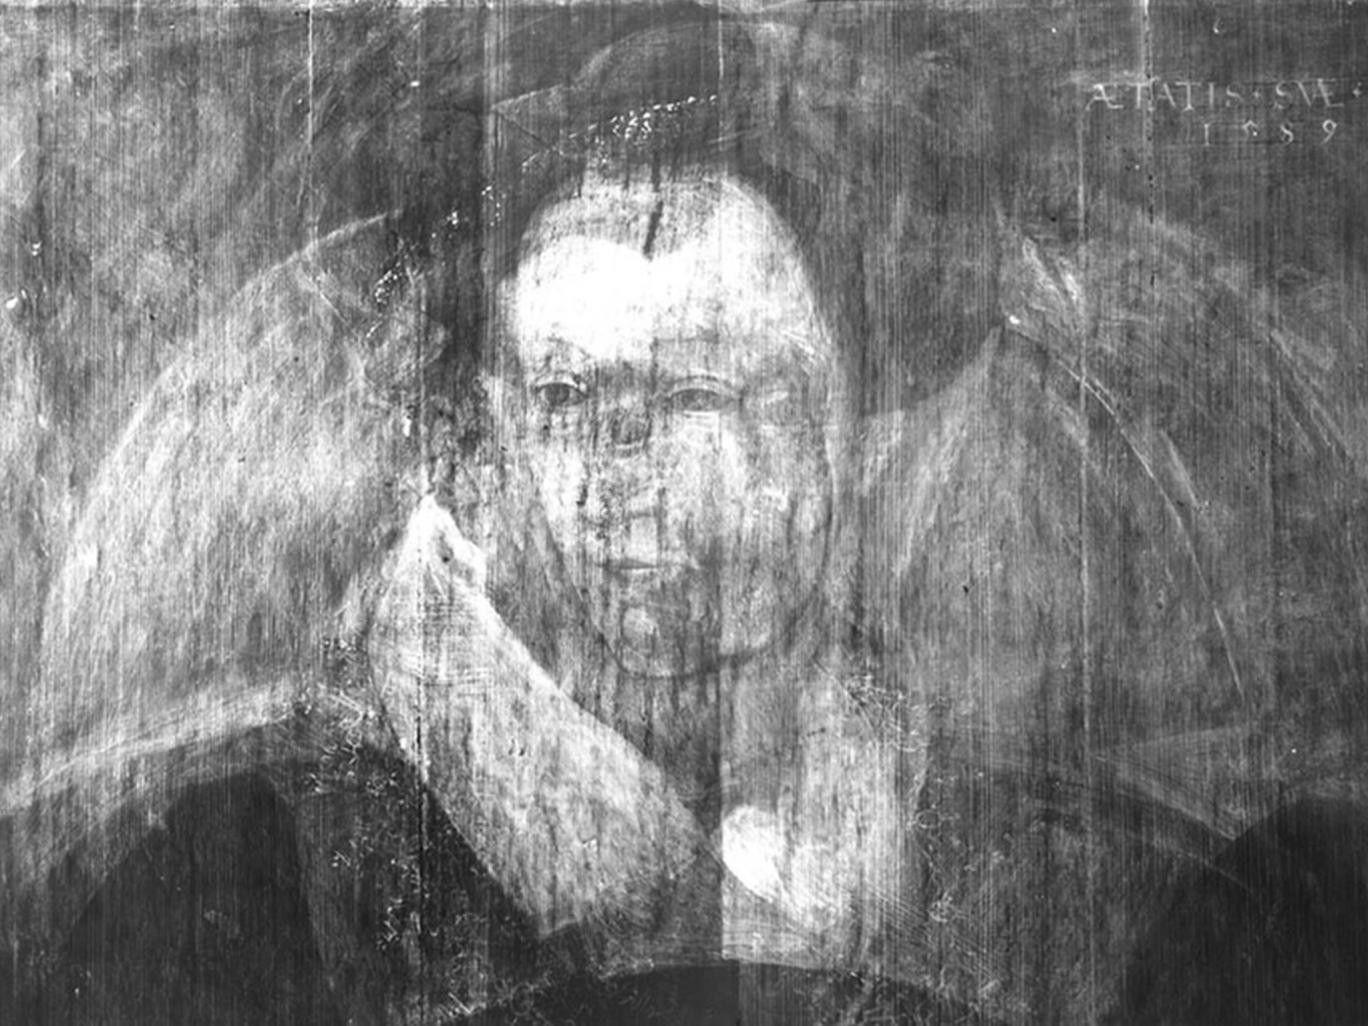 Неизвестный портрет Марии Стюарт увидели через рентген